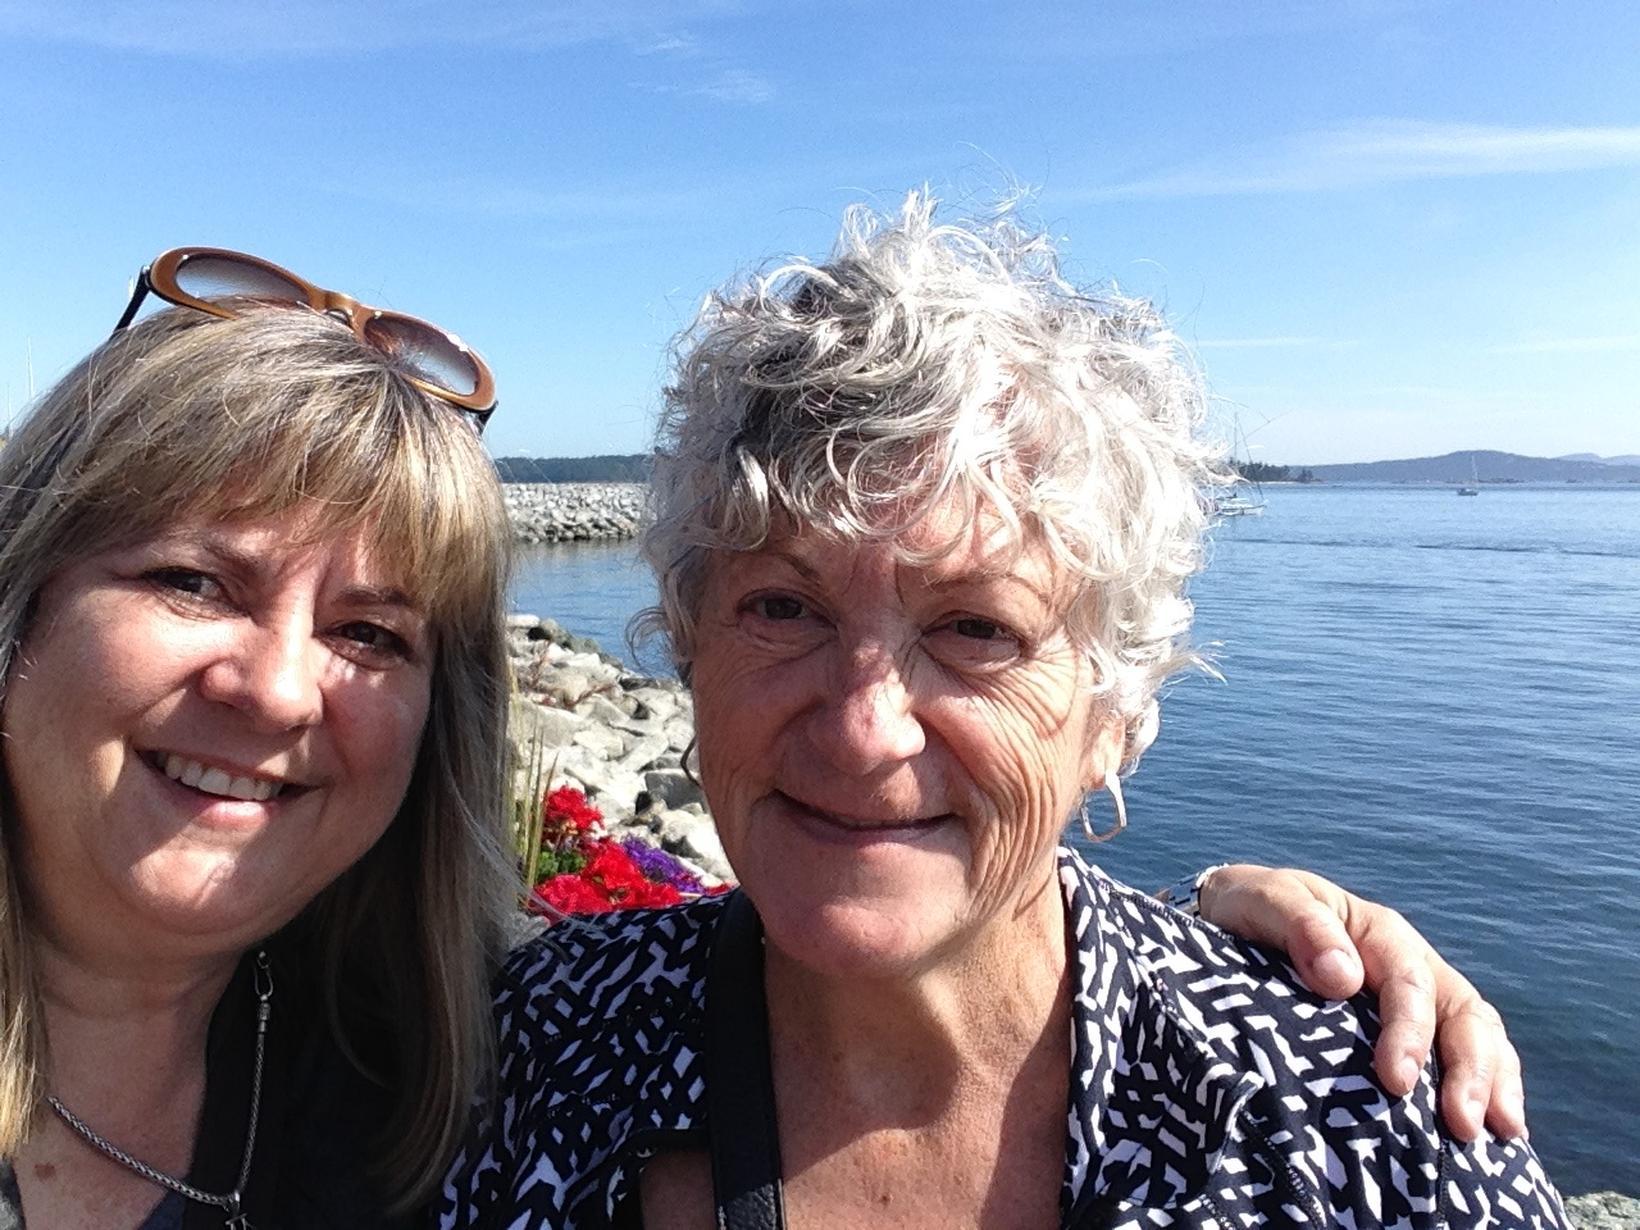 Carol from Calgary, Alberta, Canada